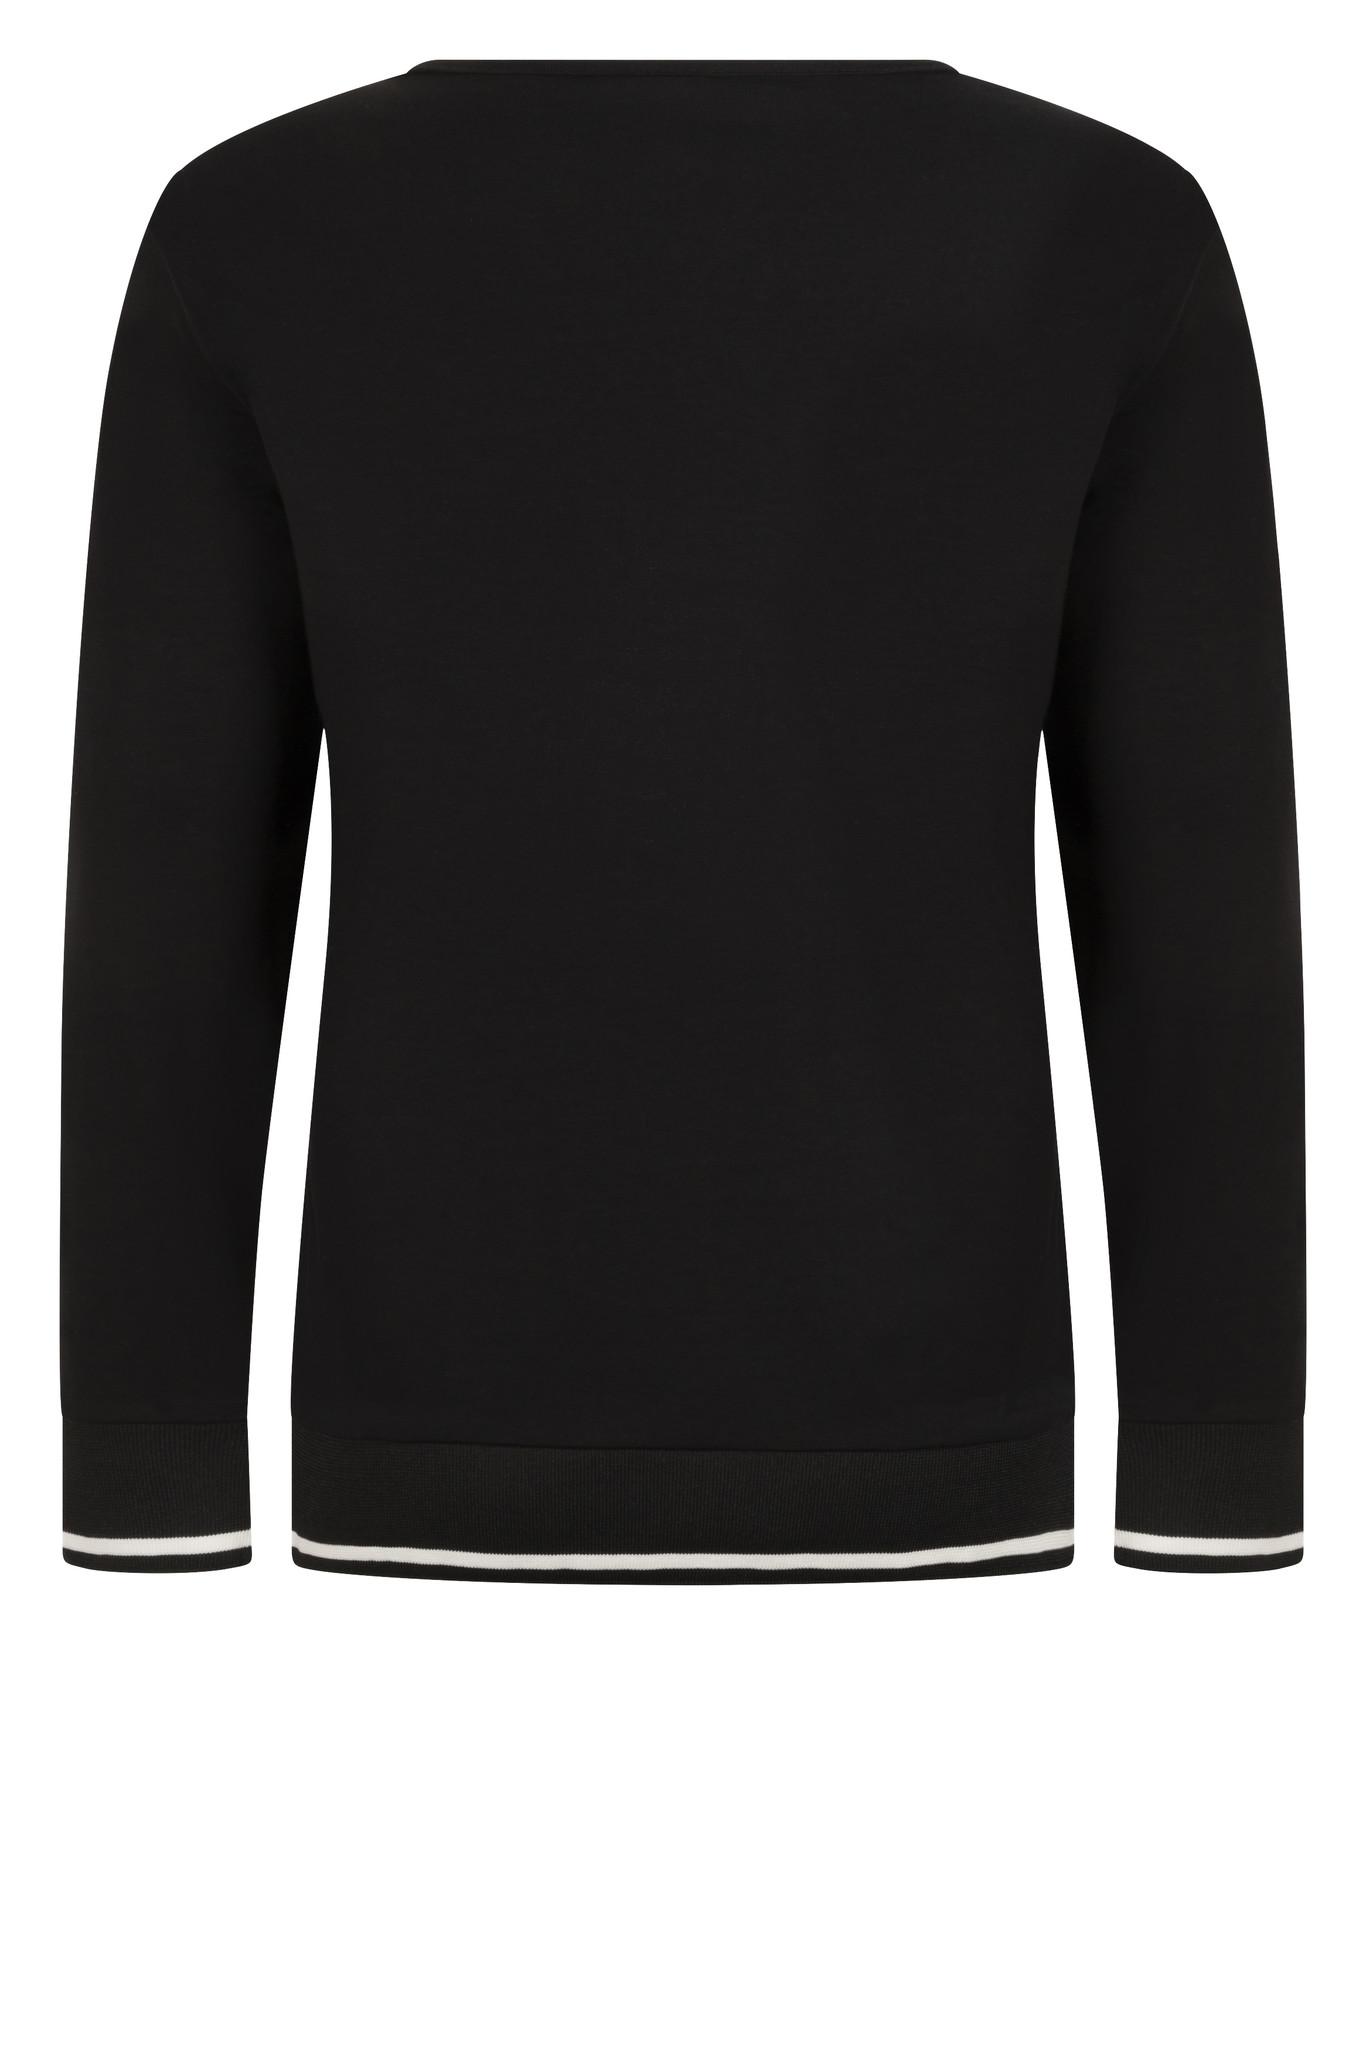 Zoso Zoso Paris top black with print